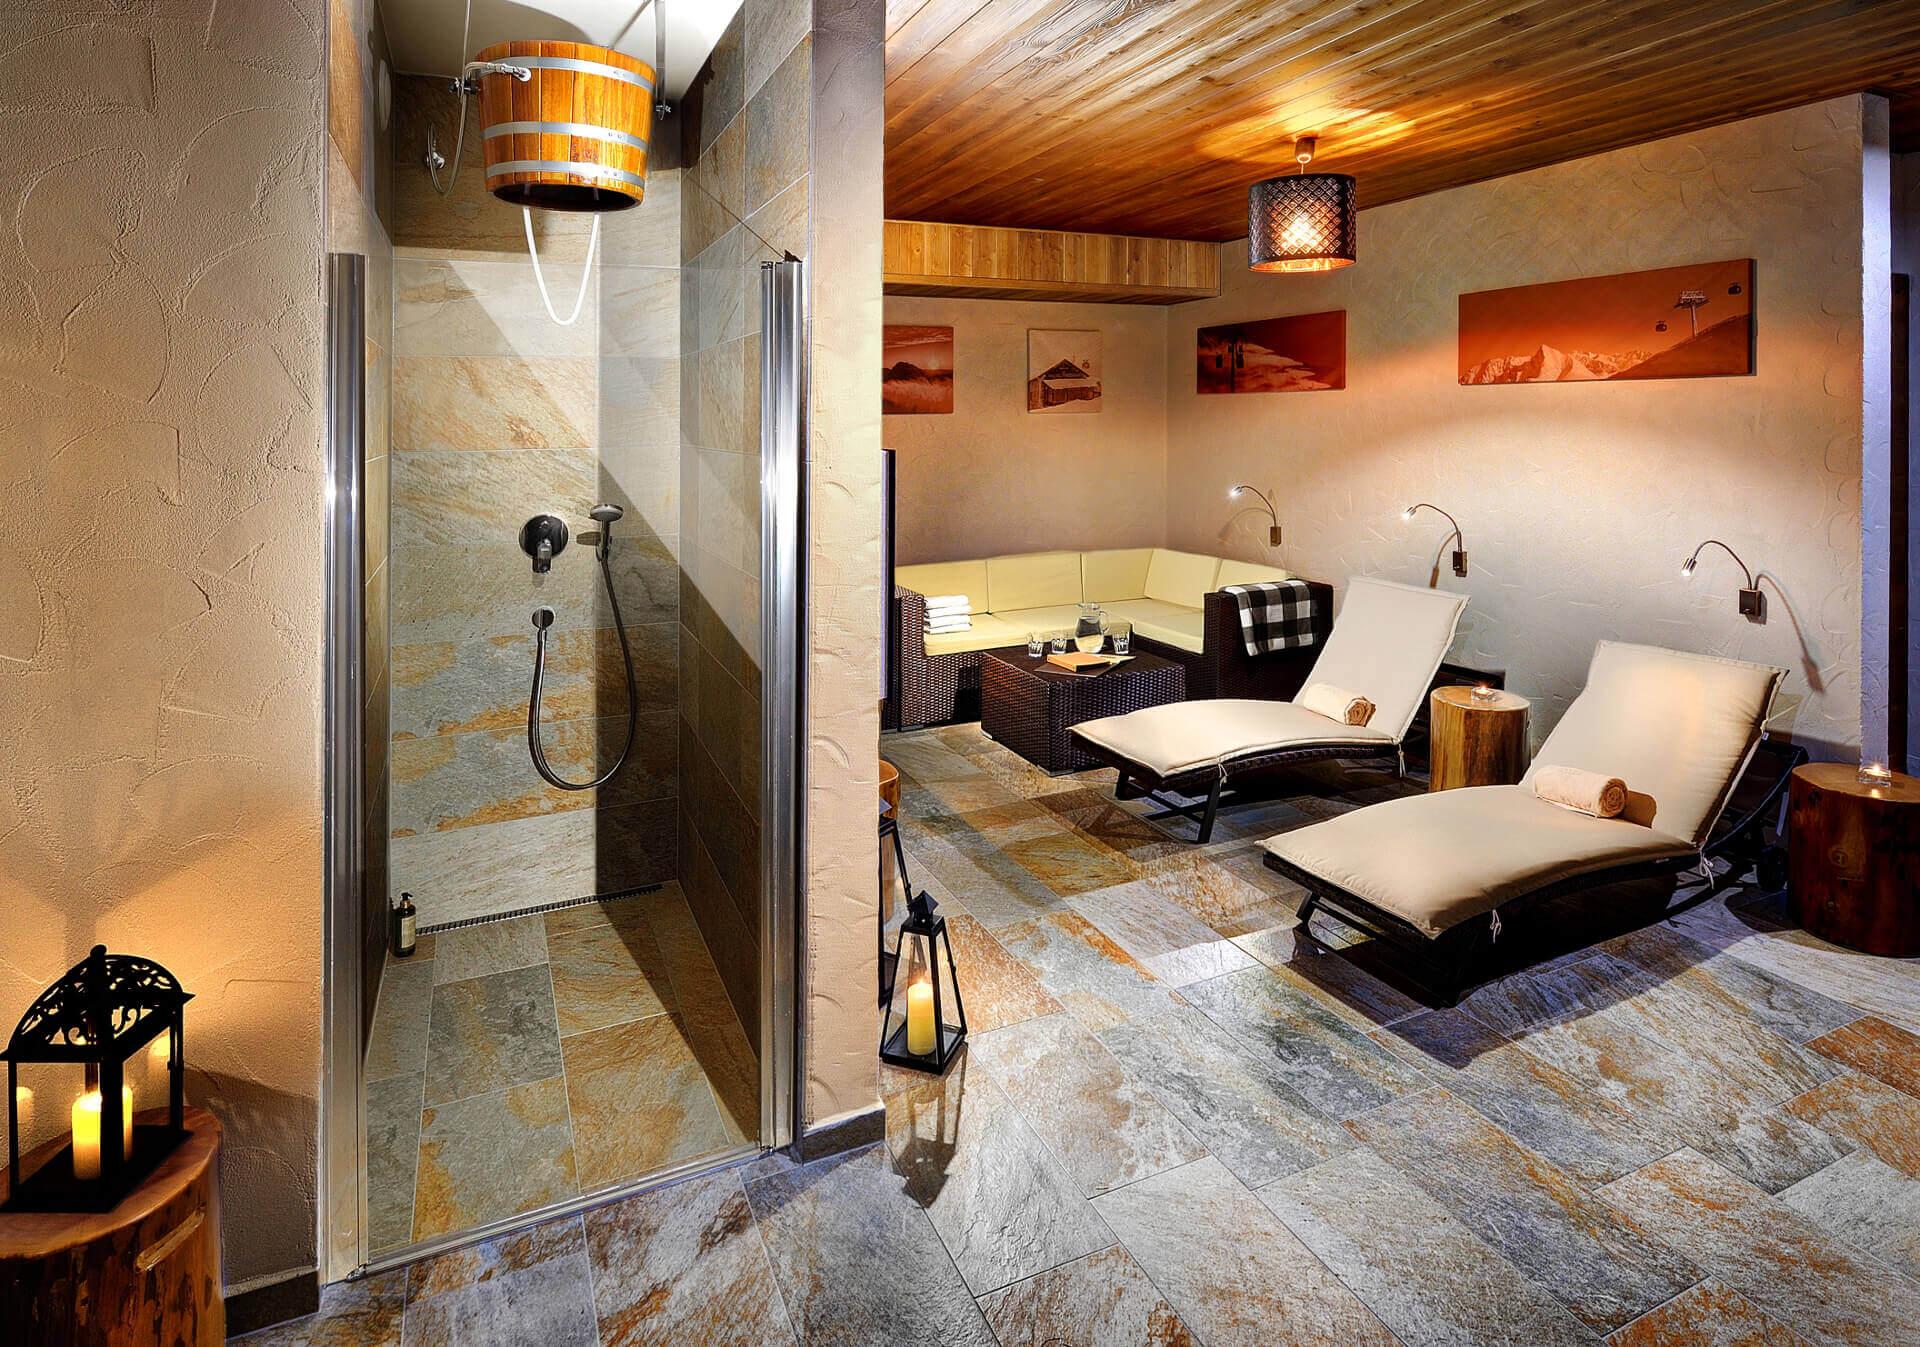 Beautiful interieur de chalet pictures - Interieur chalet savoyard ...